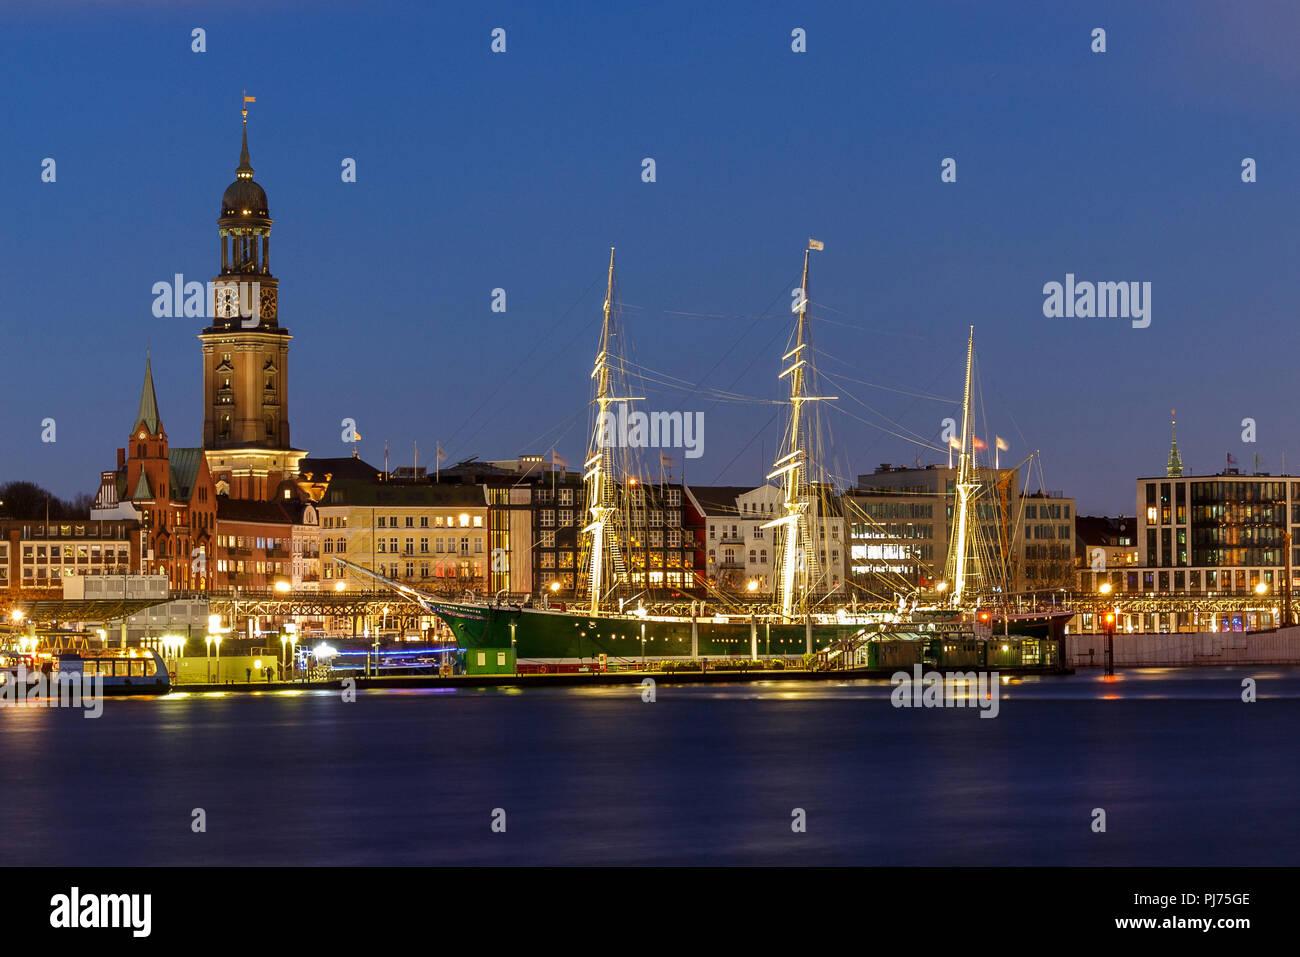 Abend, Architektur, blau, blaue Stunde, Dämmerung, Deutschland, Hafen, Hamburg, Himmel, Kirche, Landungsbrücken, Langzeitbelichtung, Lichter, Michel,  - Stock Image